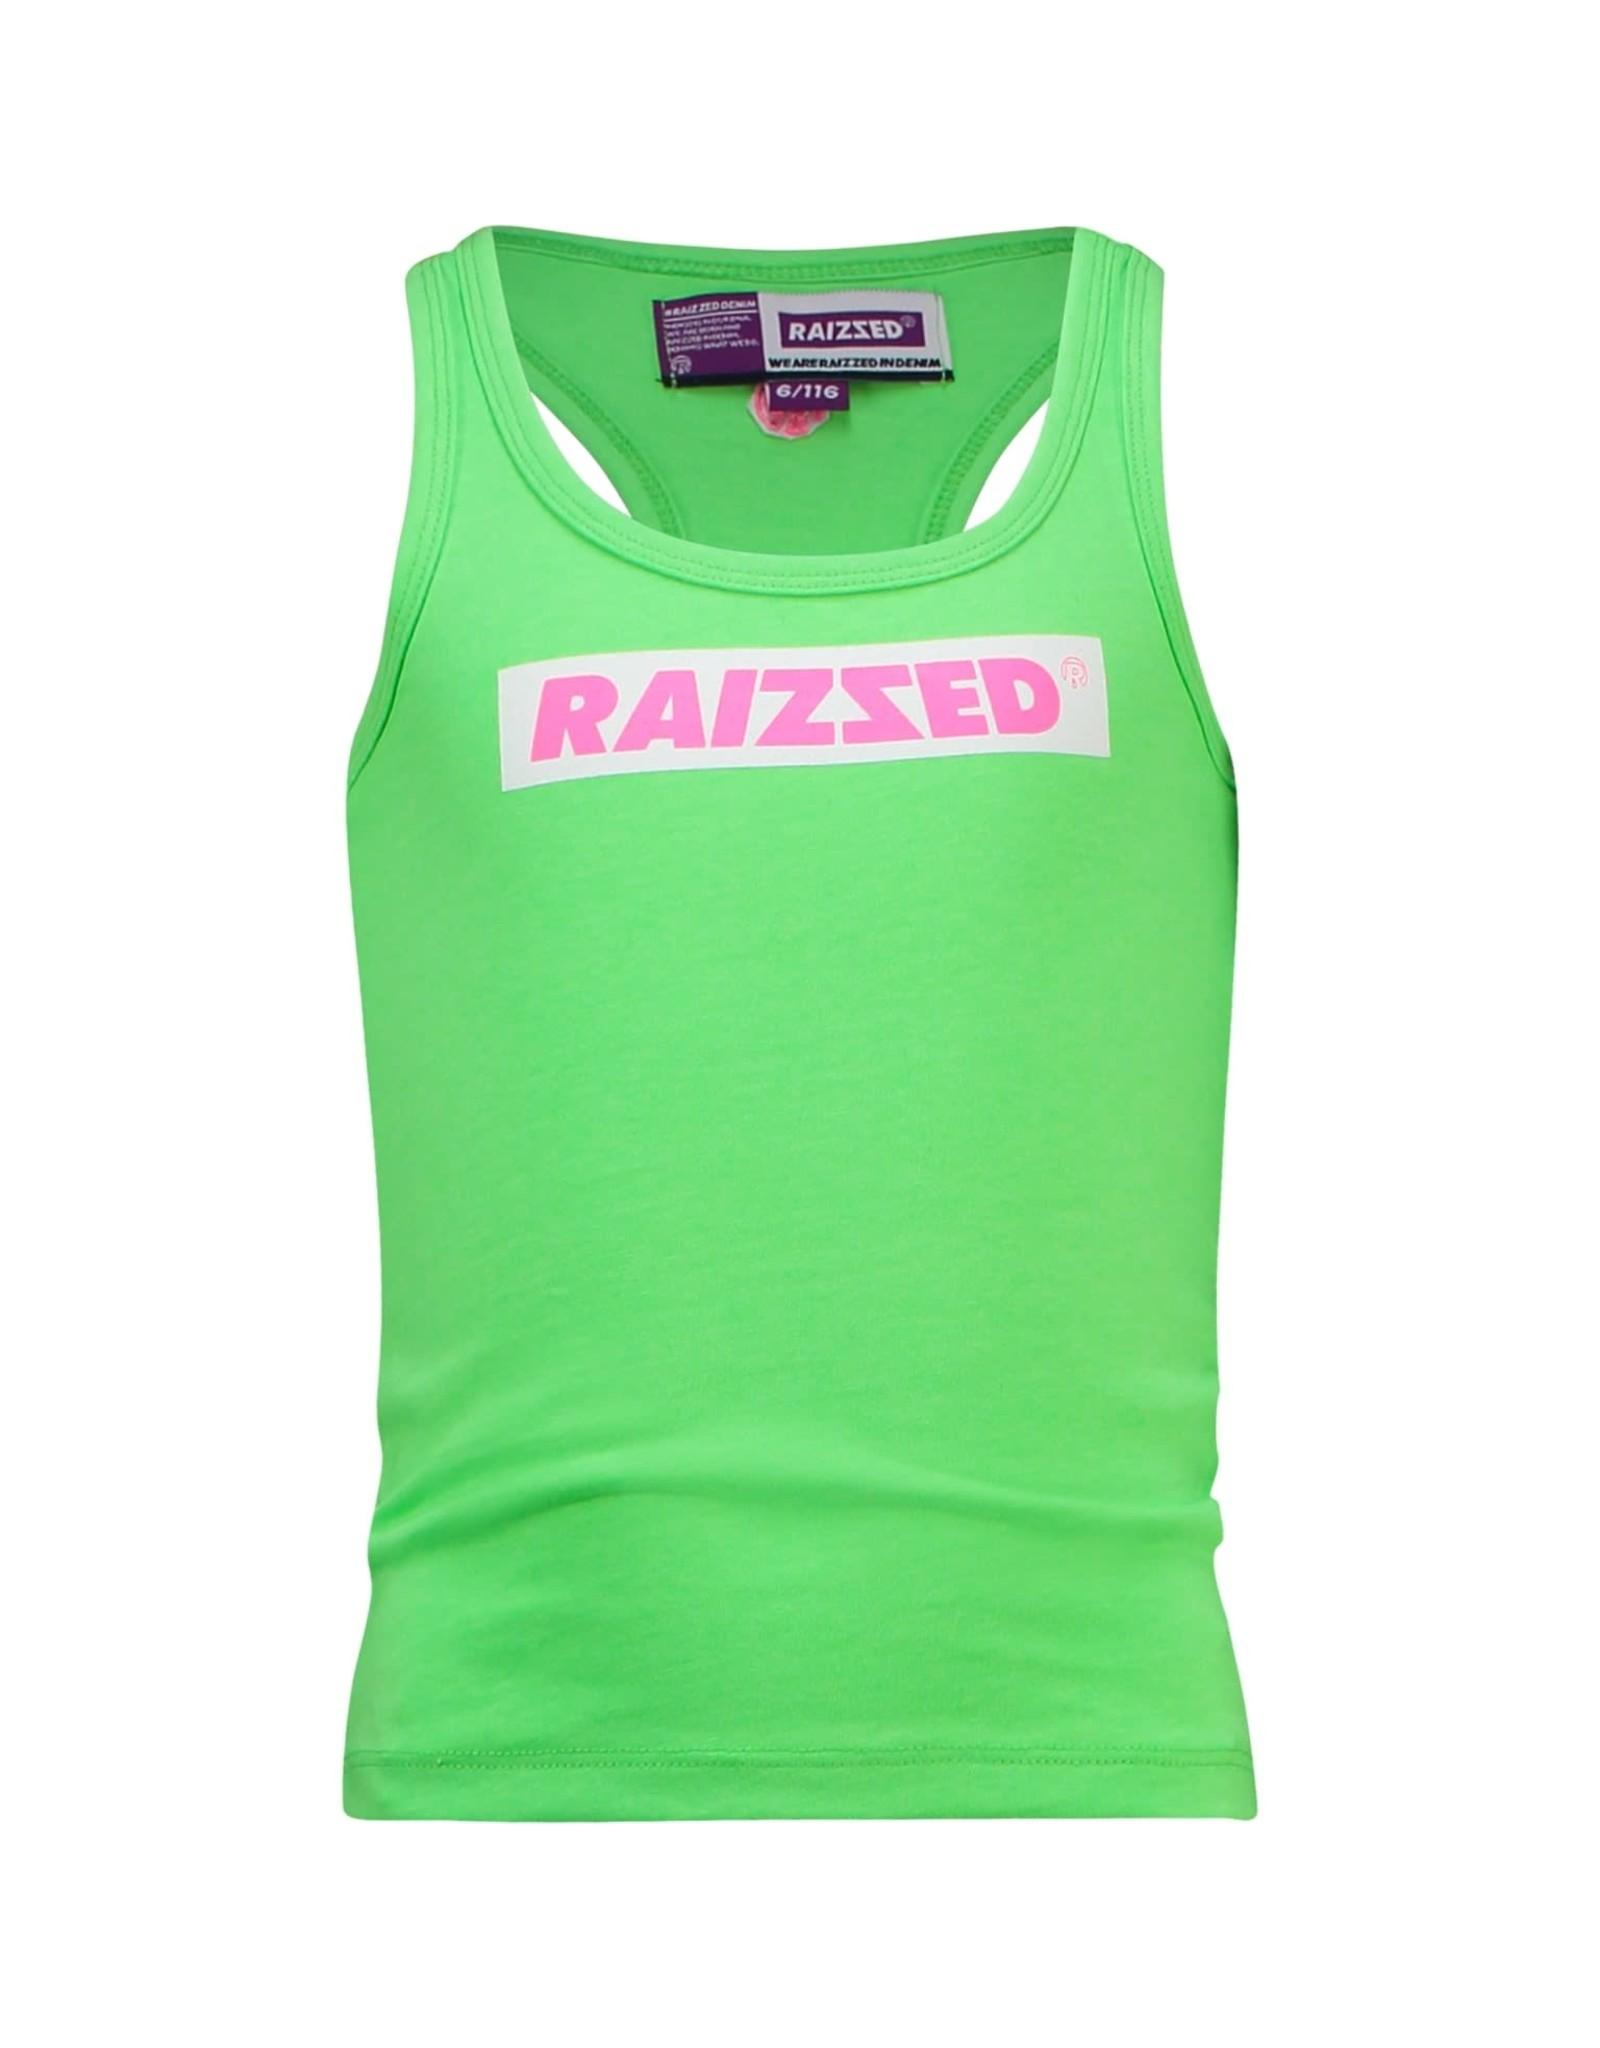 Raizzed Raizzed meisjes top Phoenix Neon Green